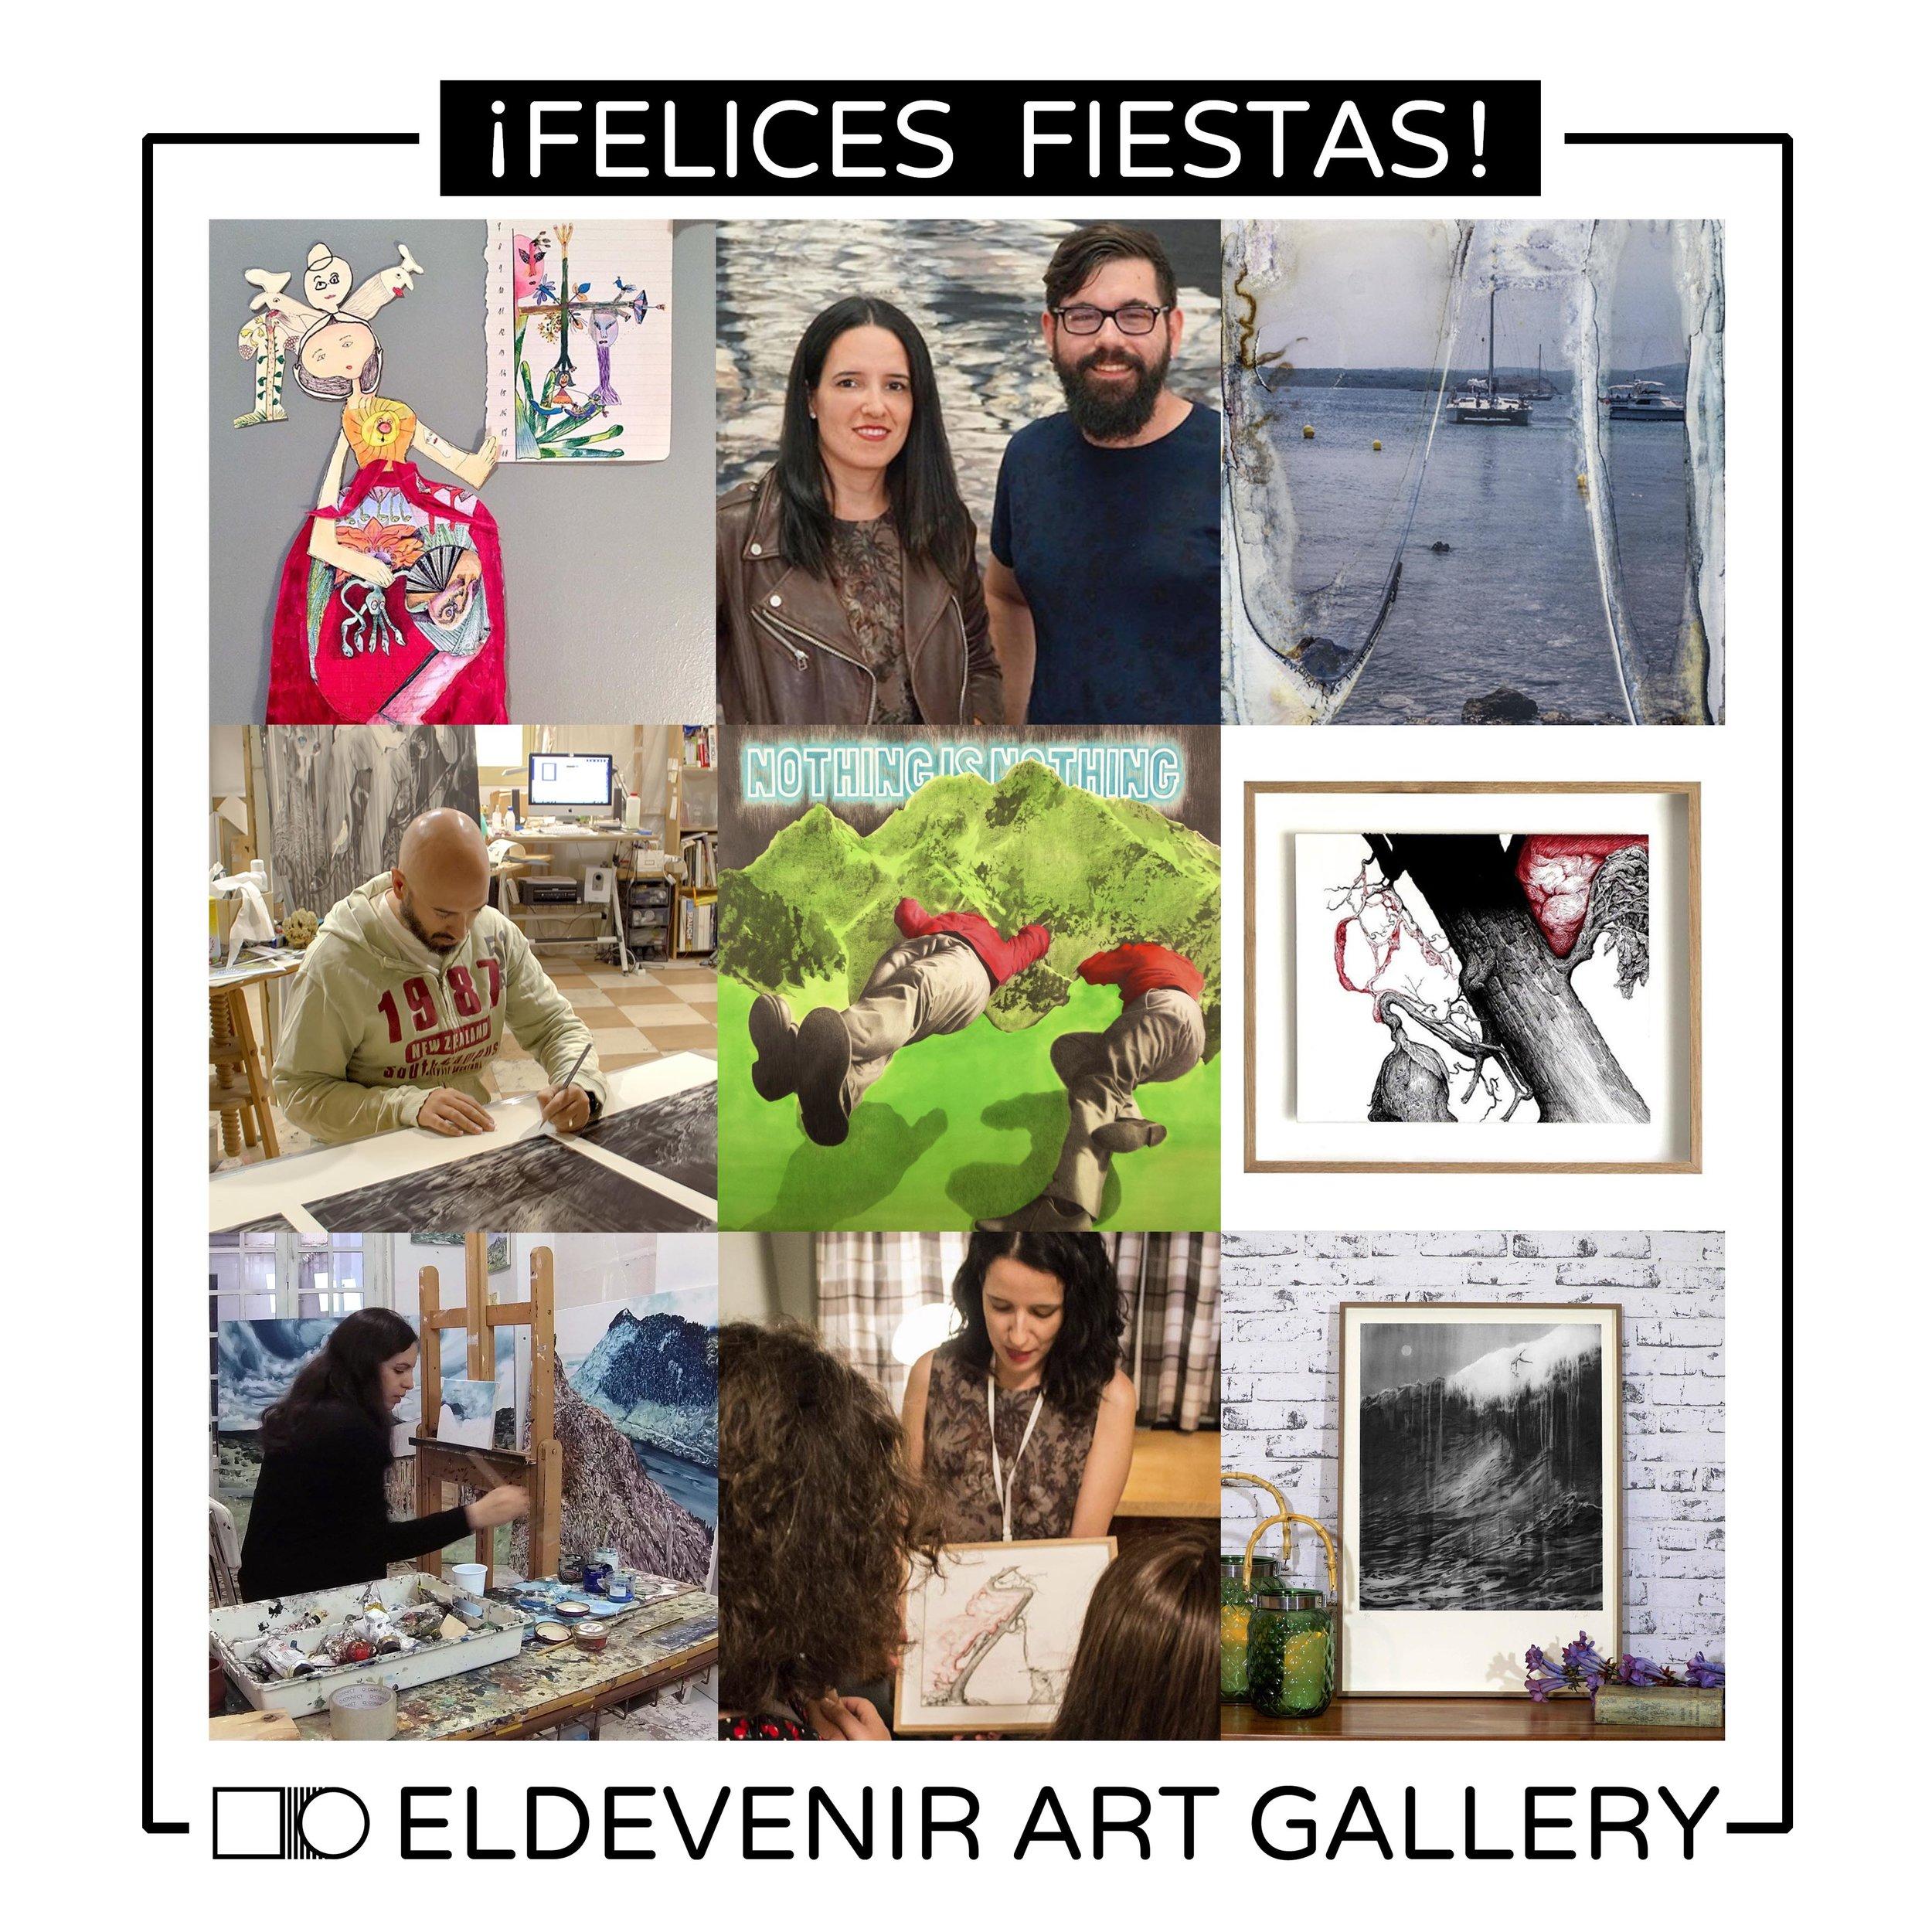 feliz-navidad-2017-eldevenir-art-gallery-maria-rosa-jurado.jpg